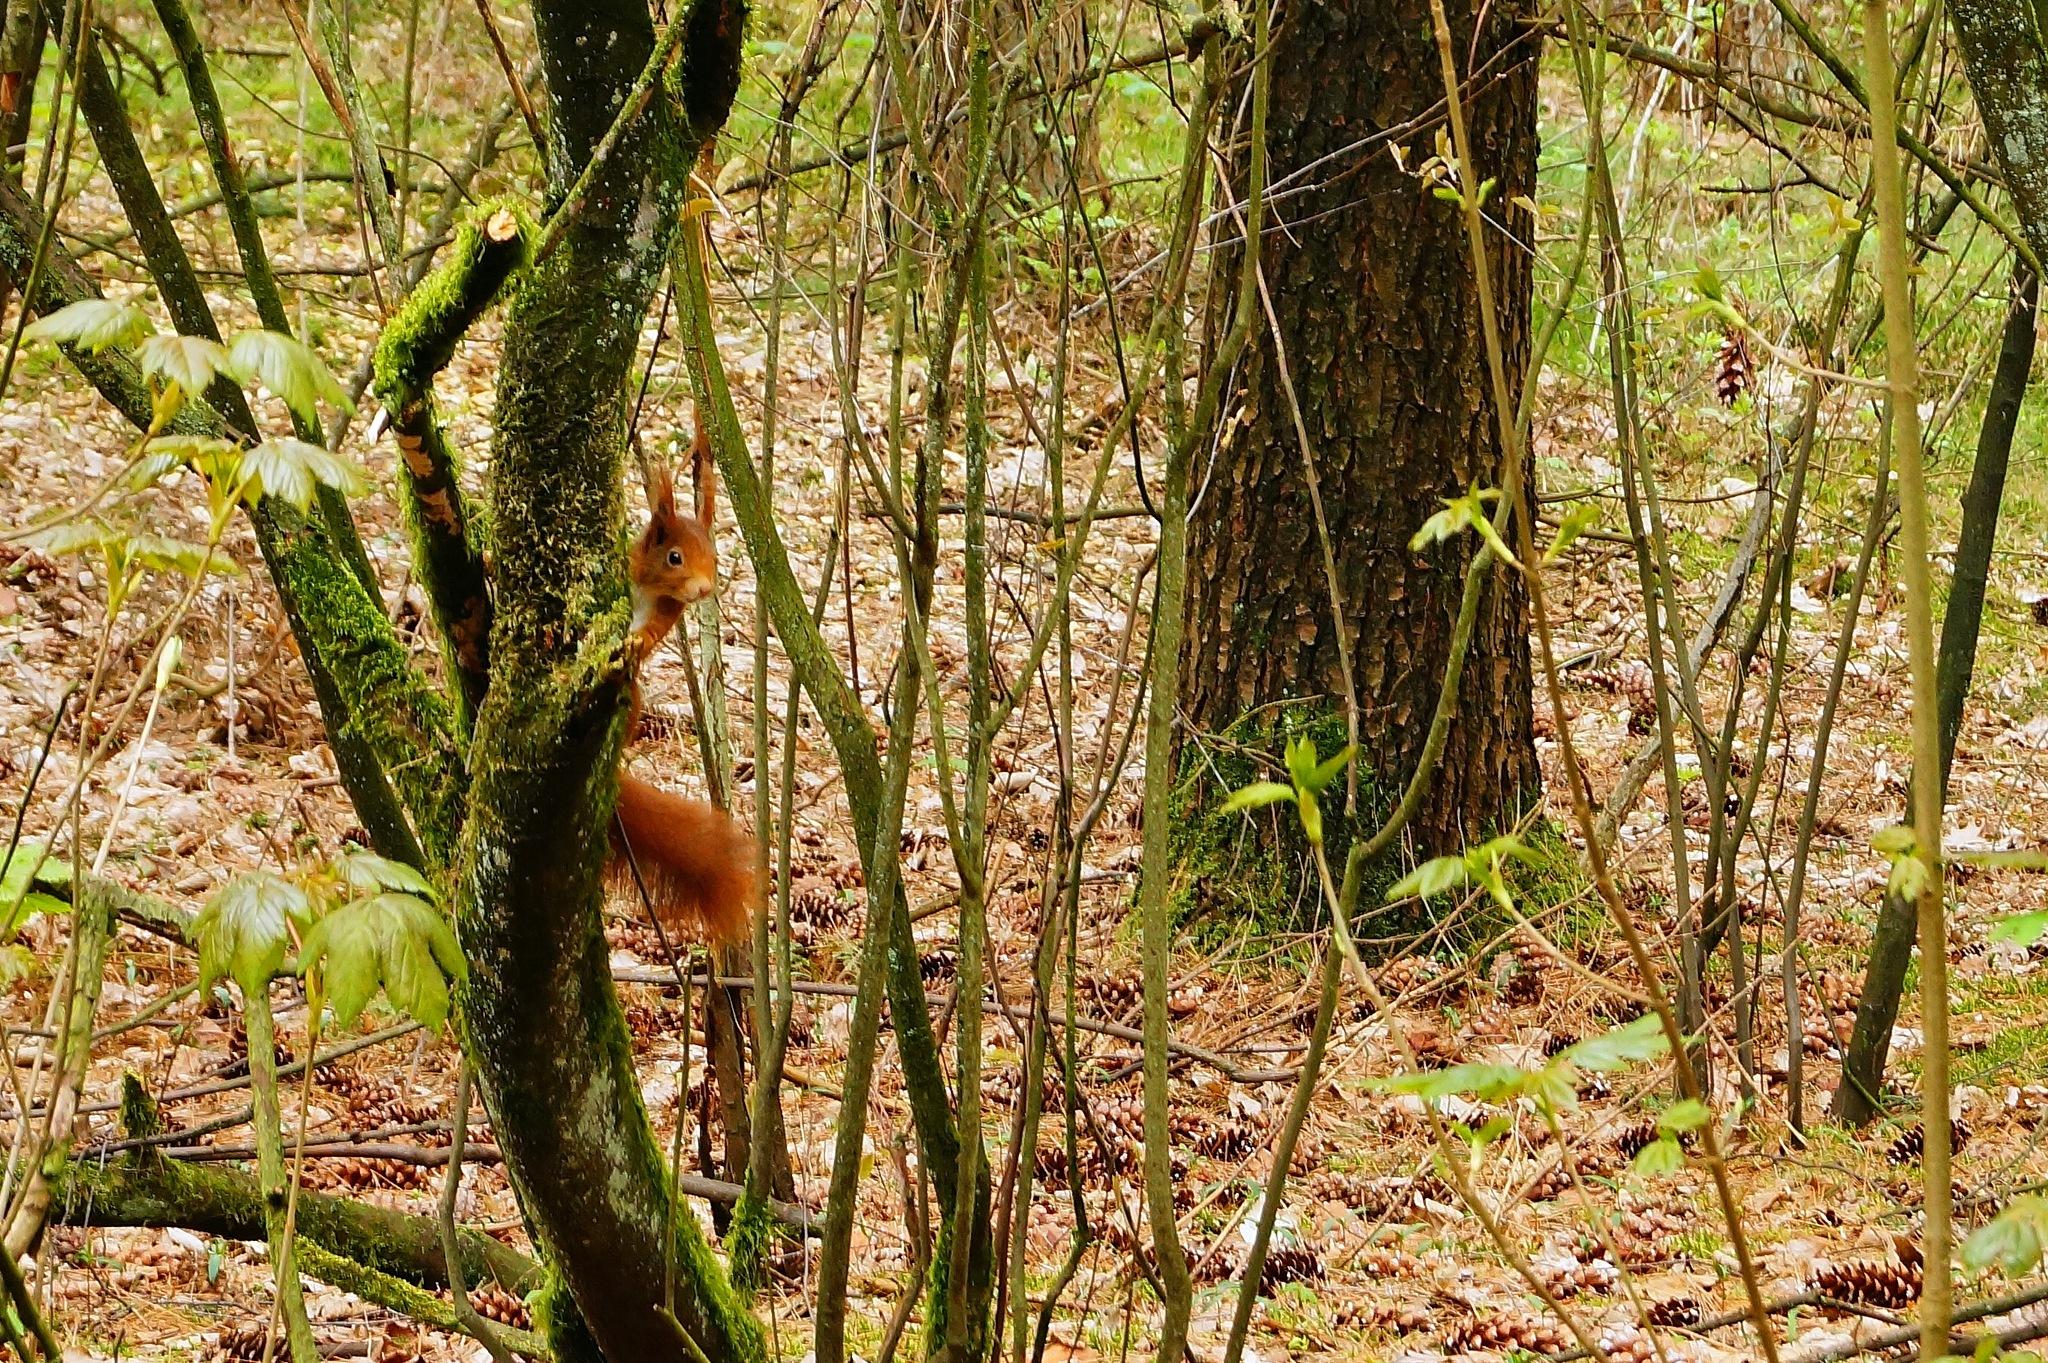 Squirrel by Marian Baay